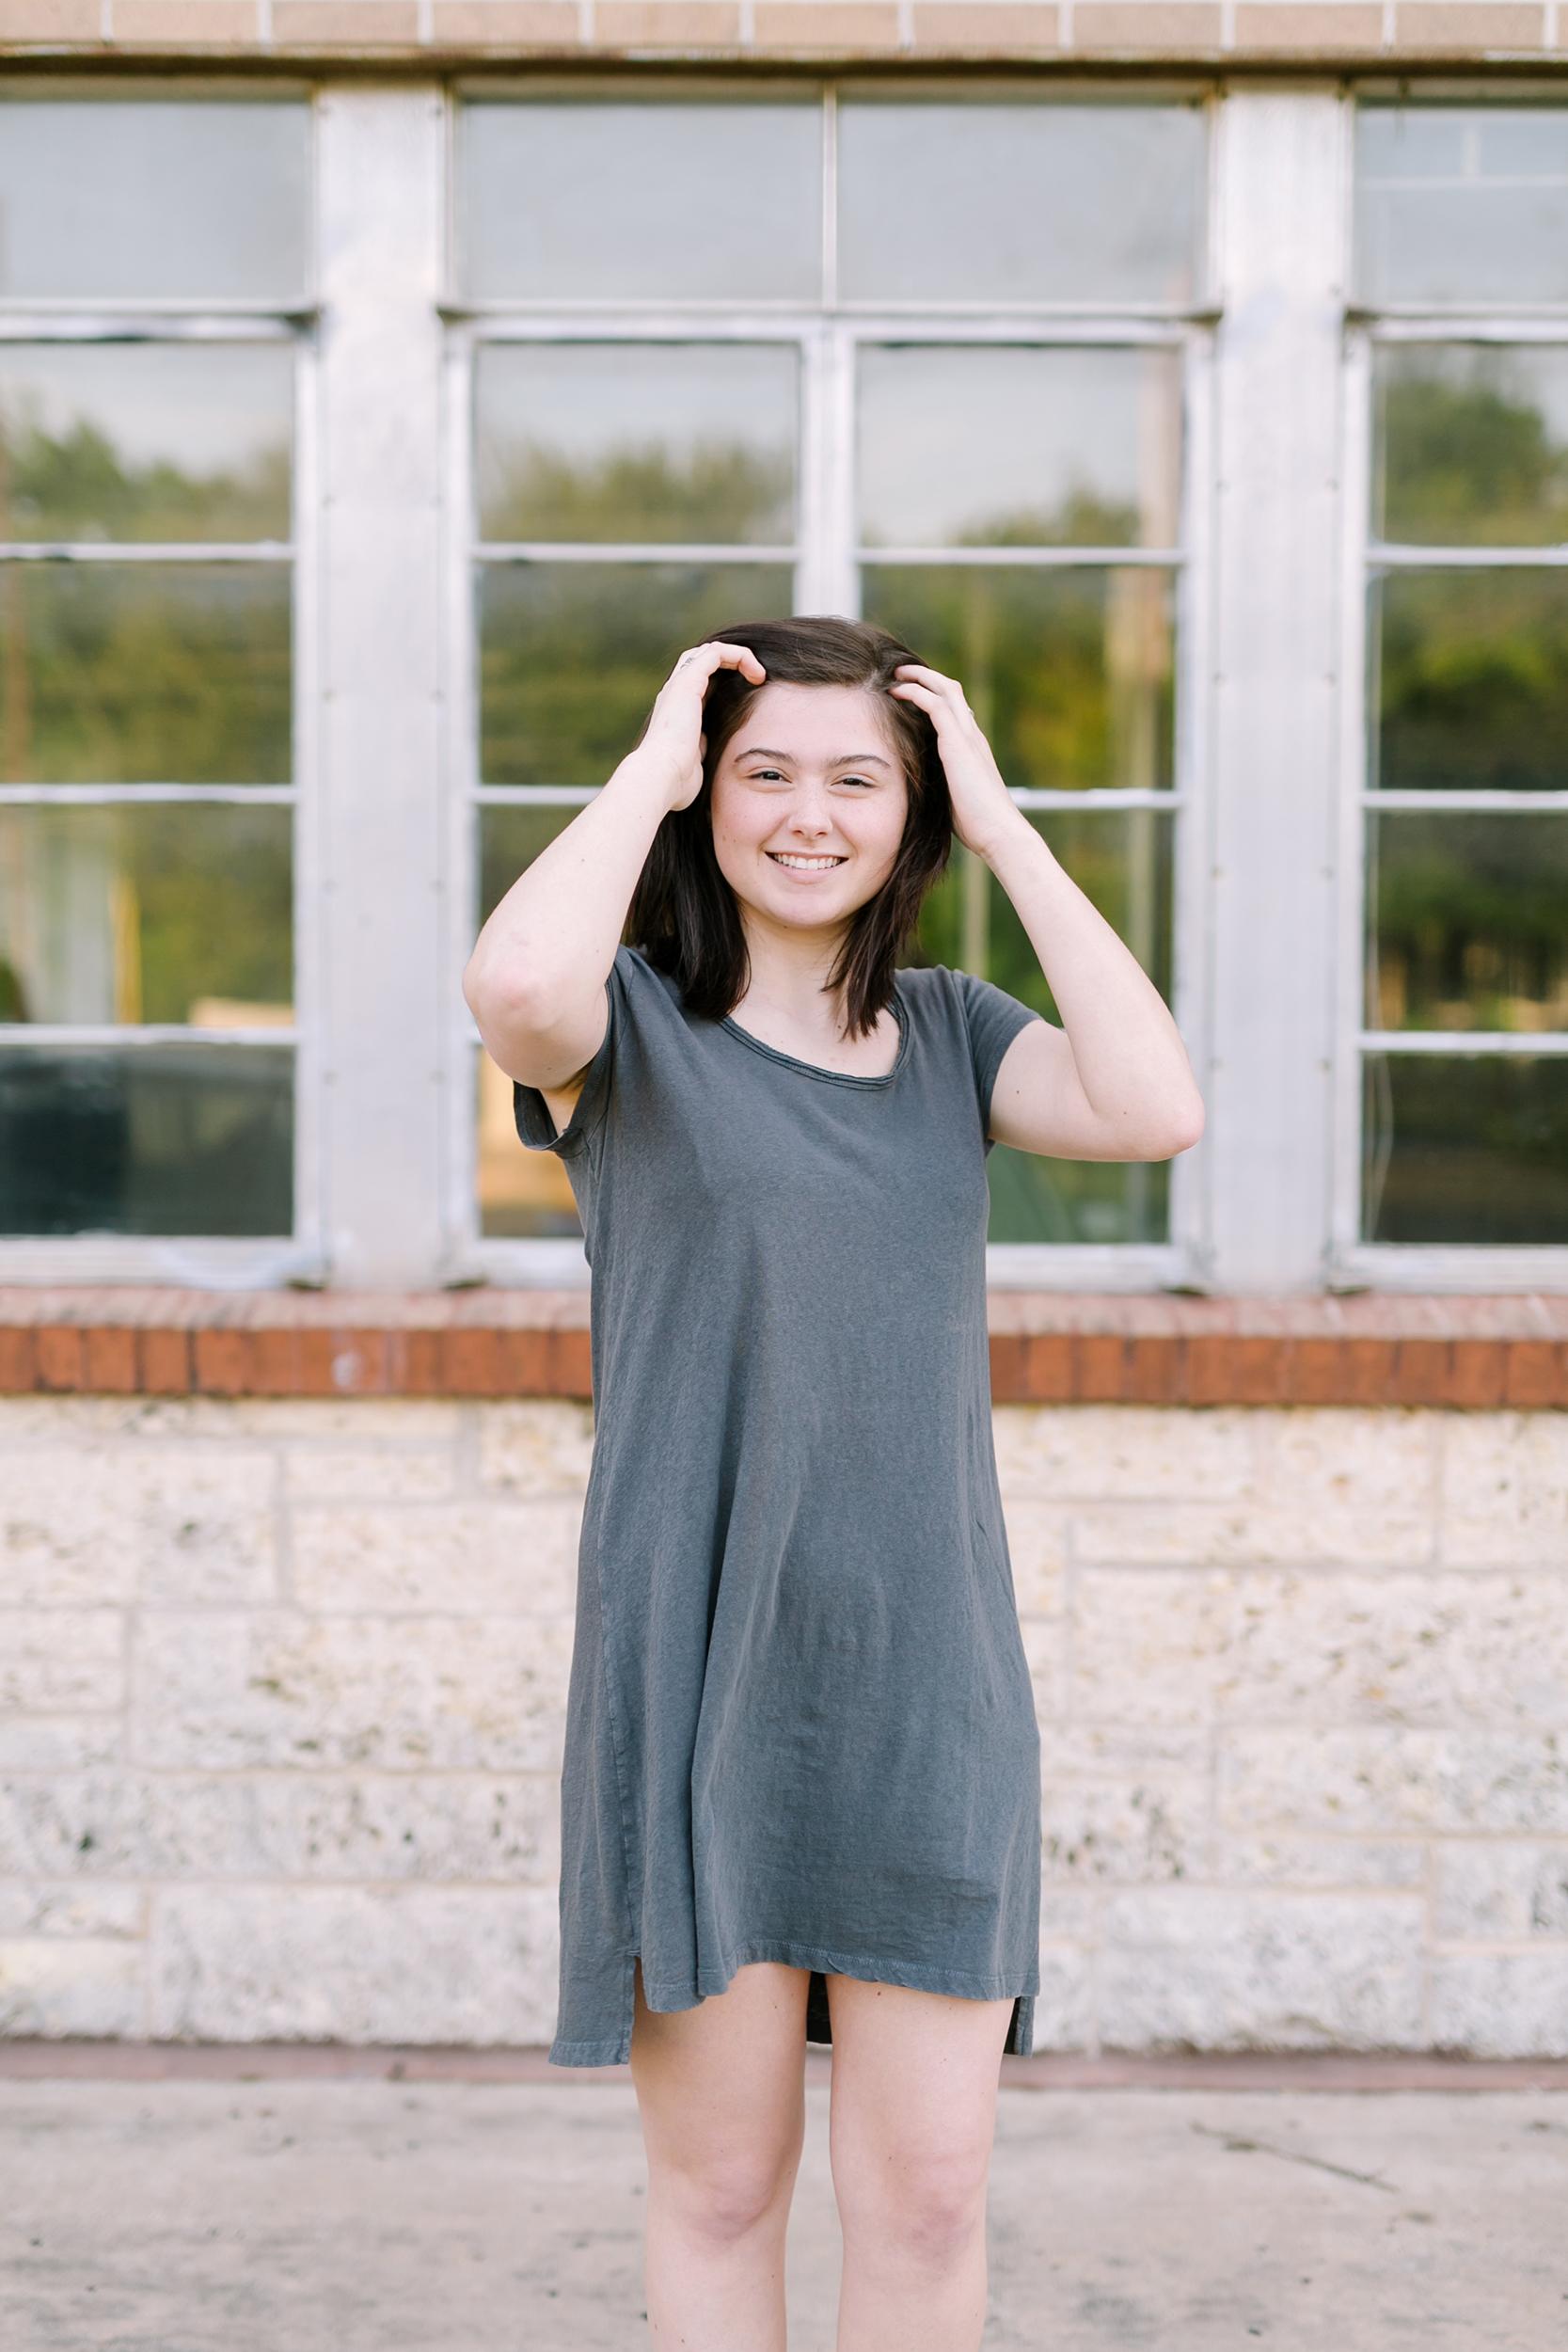 Austin_TX_Teen_Portraits_KBP12.jpg